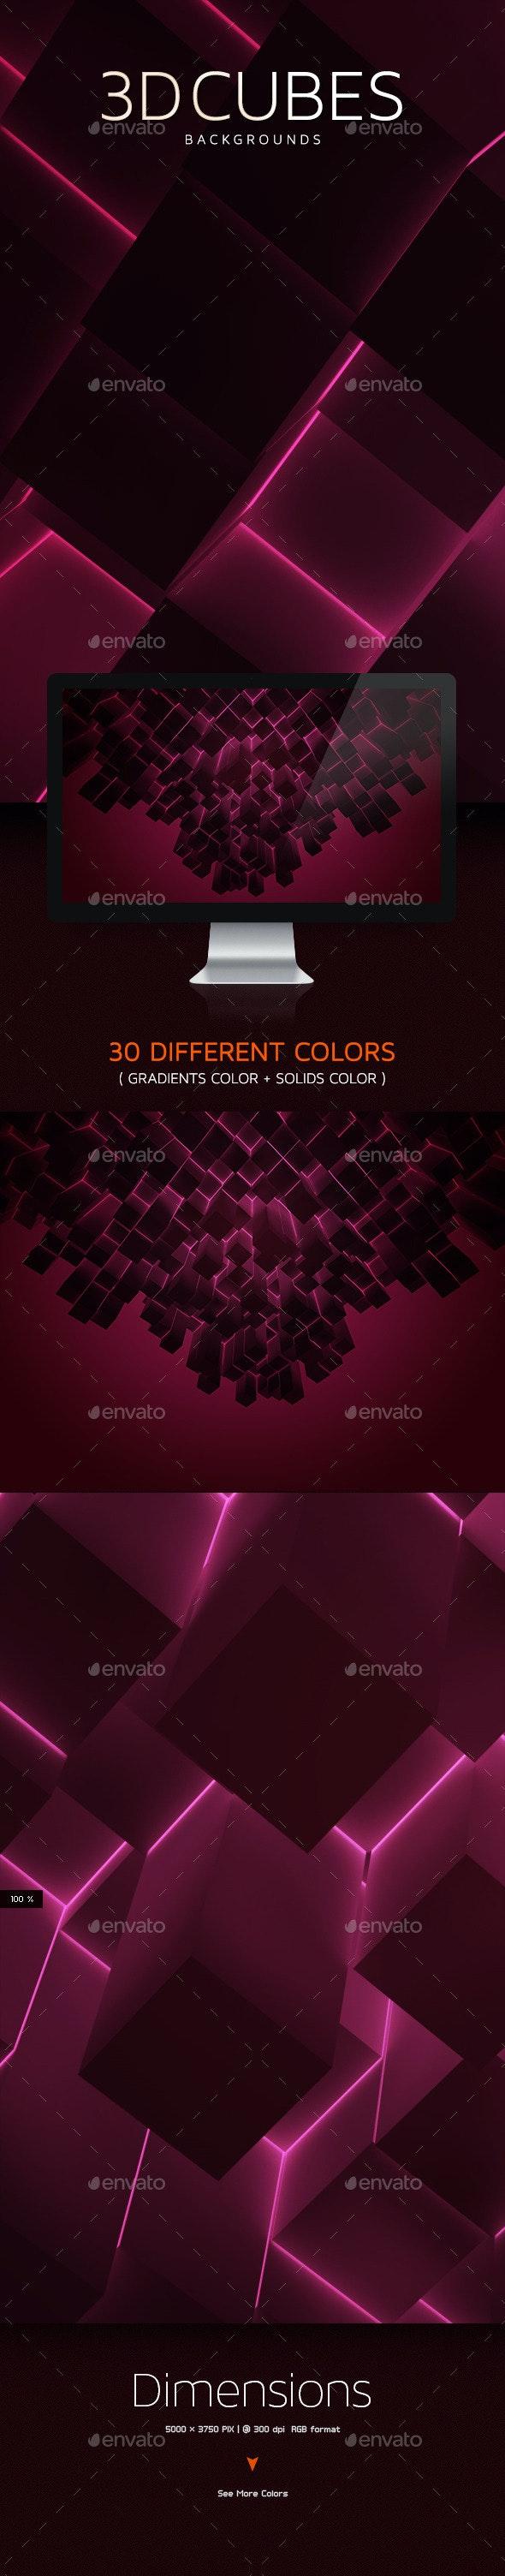 3D Cubes Backgrounds  - 3D Backgrounds